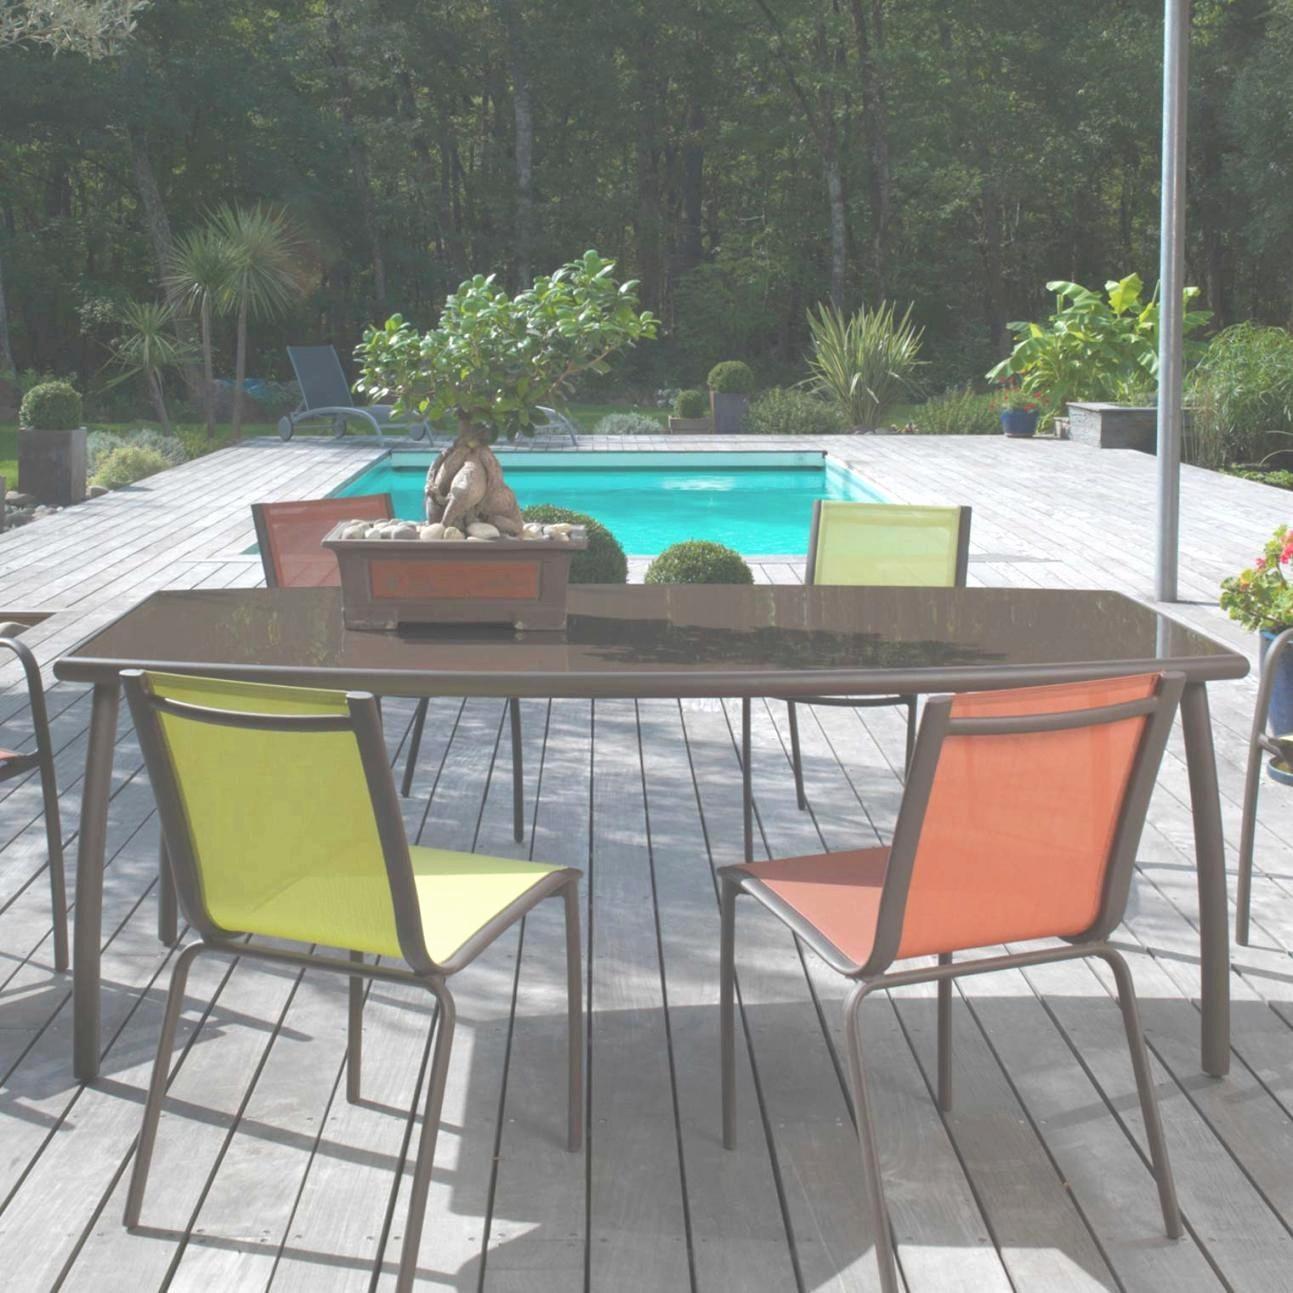 Pied De Table Reglable Mr Bricolage Meilleur De Charmant 40 ... intérieur Salon De Jardin Mr Bricolage